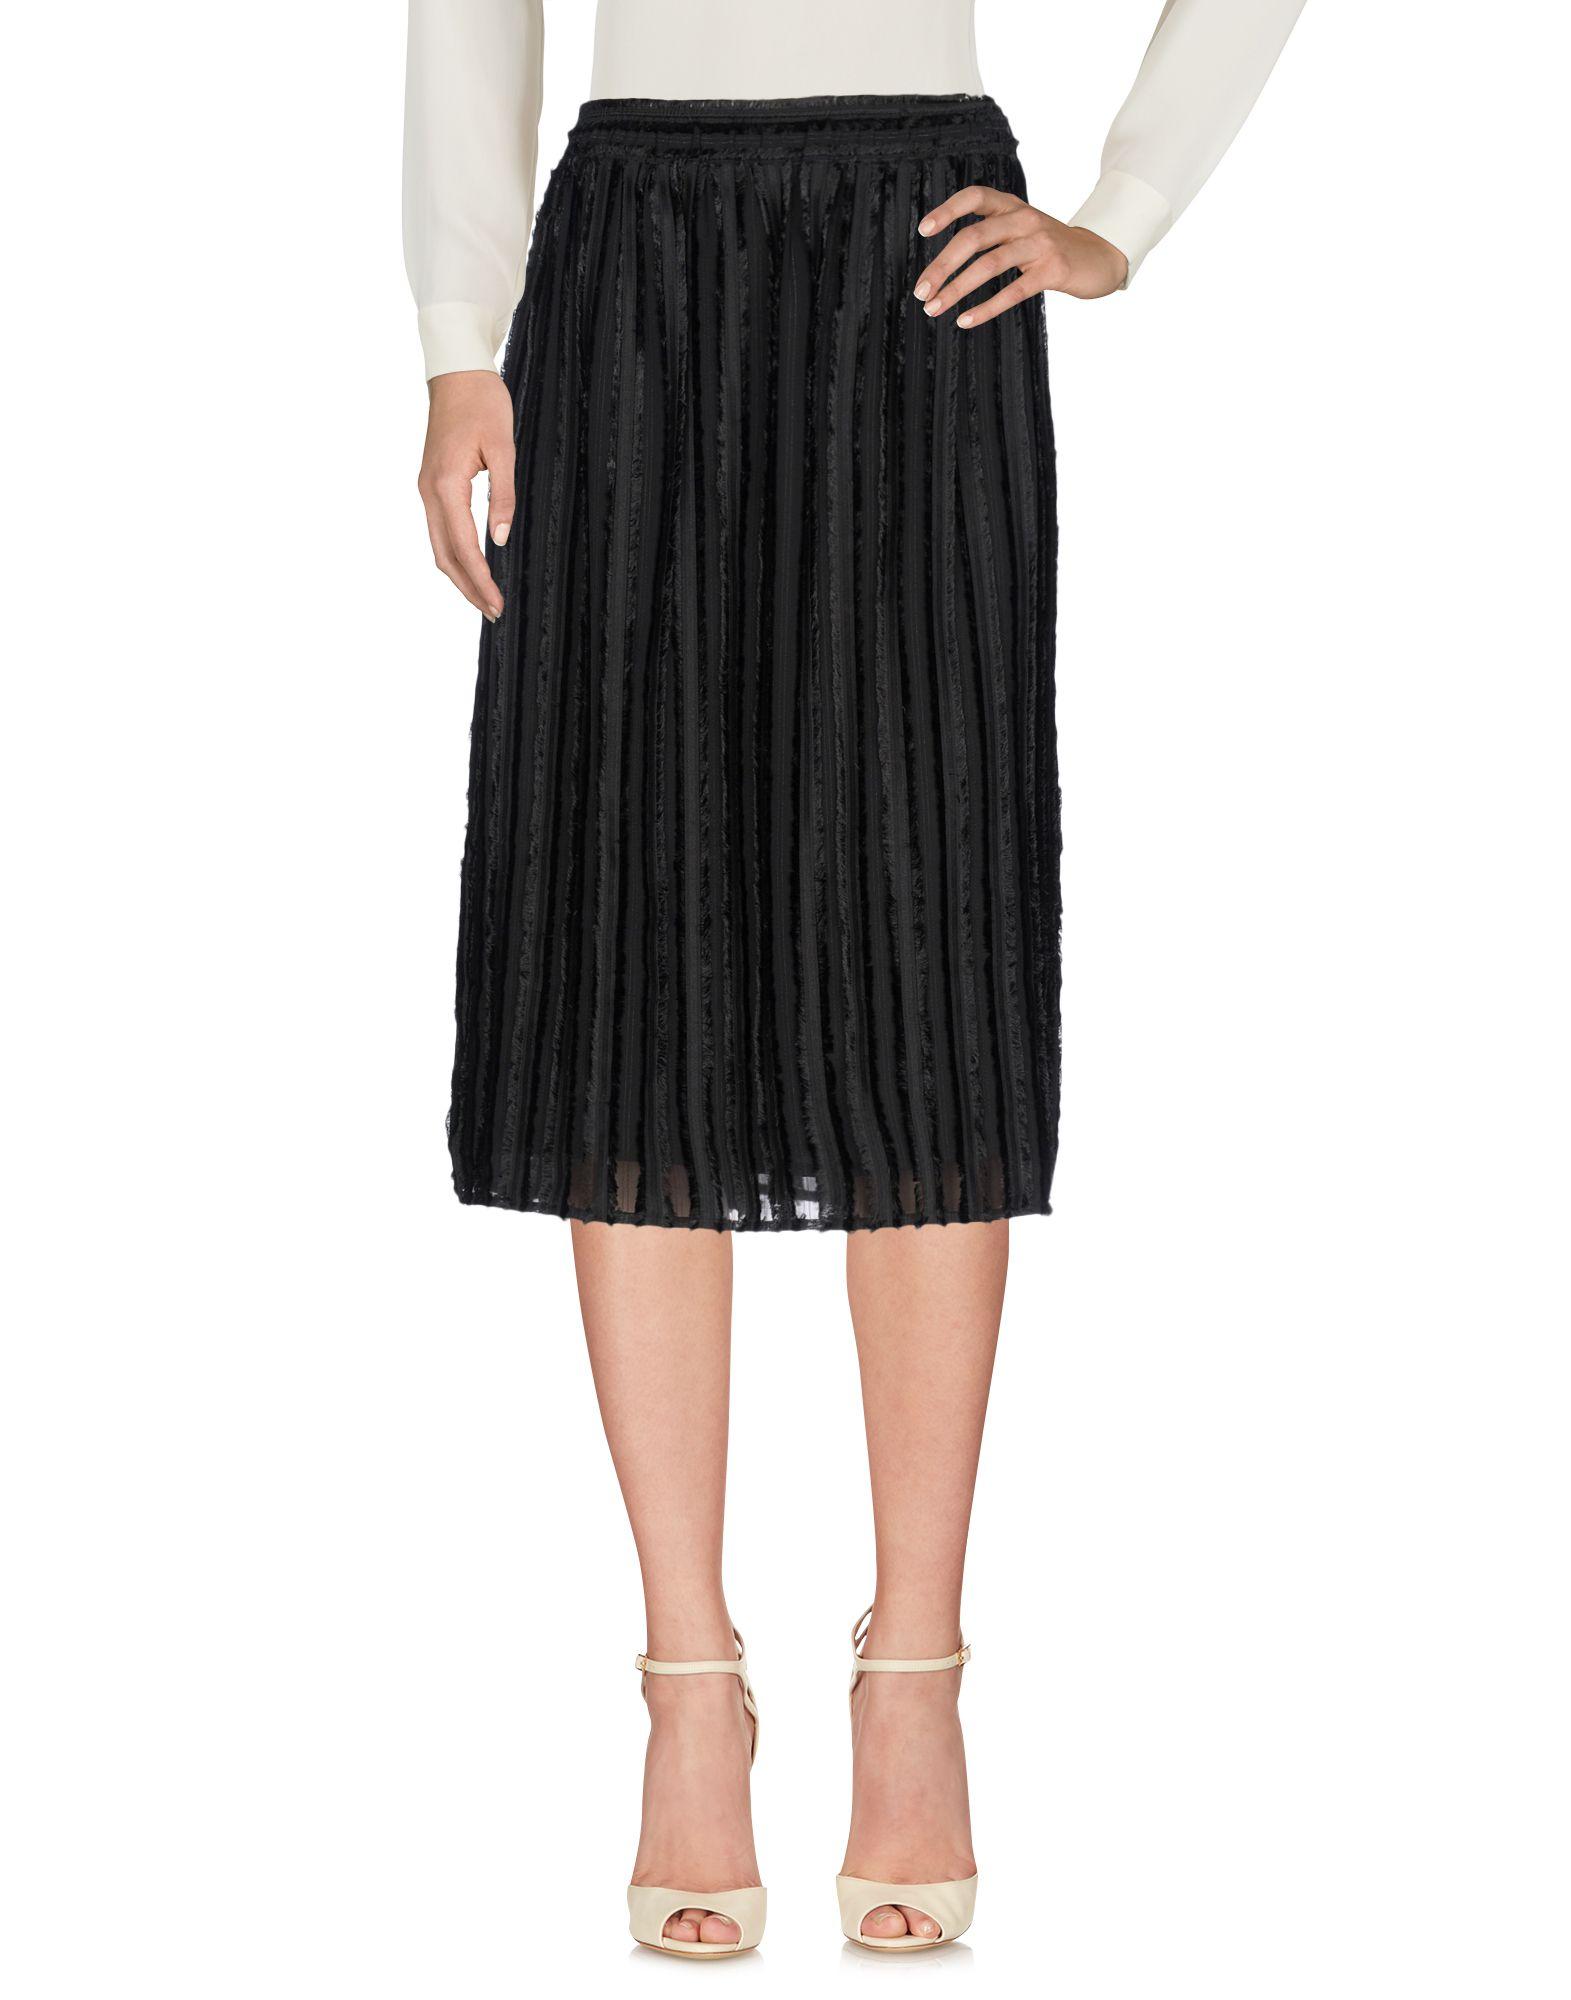 《送料無料》CLU レディース 7分丈スカート ブラック L ポリエステル 99% / ナイロン 1%